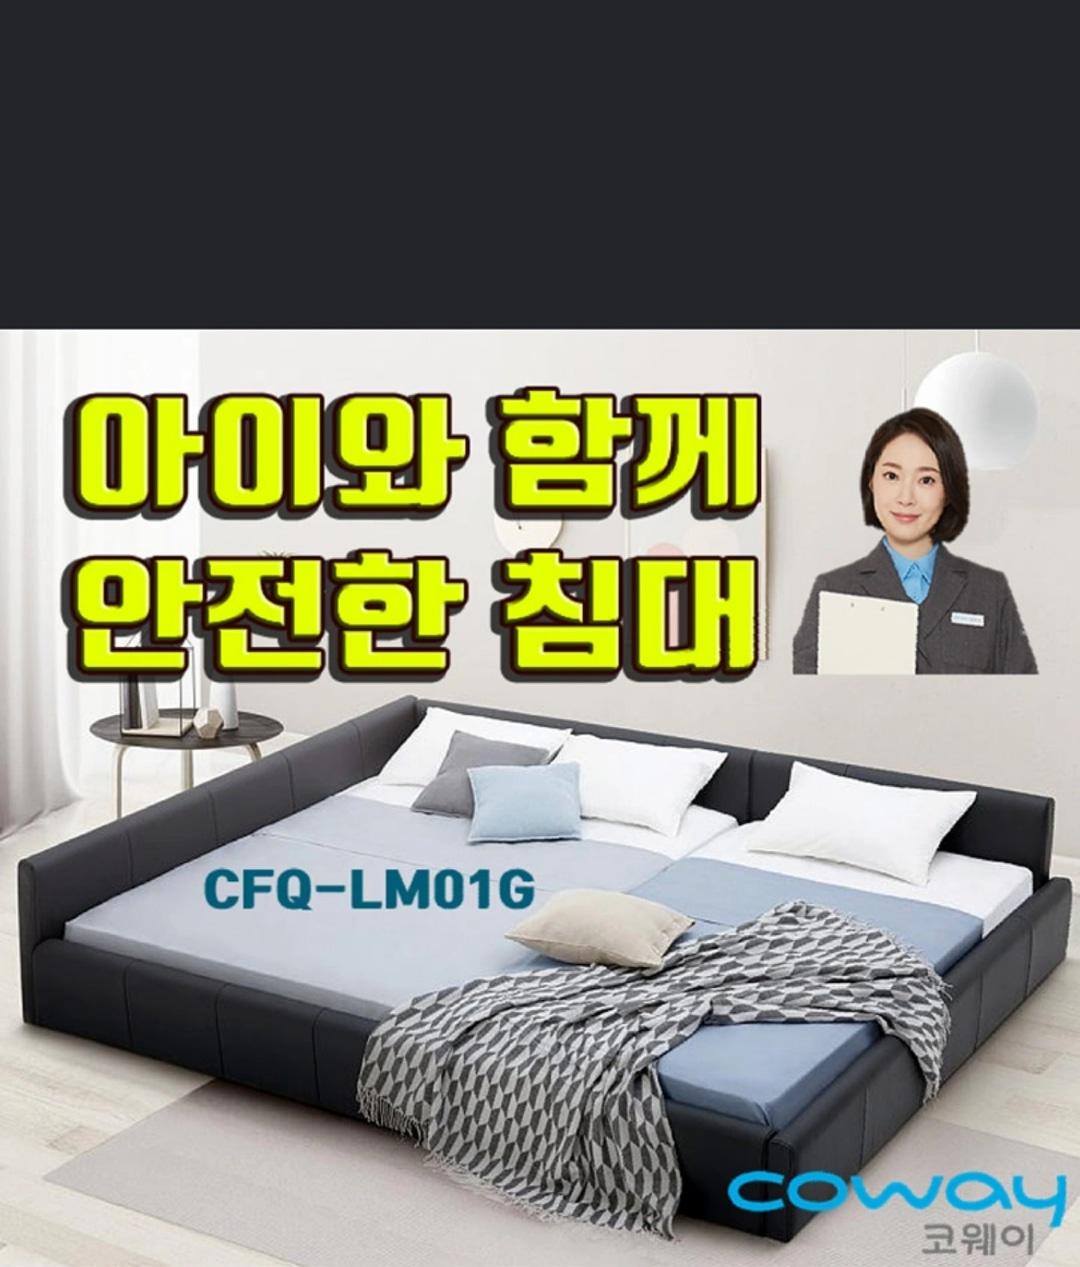 코웨이 안마의자. 침대. 전기렌지. 의류청정기. 정수기. 공기청정기. 최대할인하여 구매가능해요~